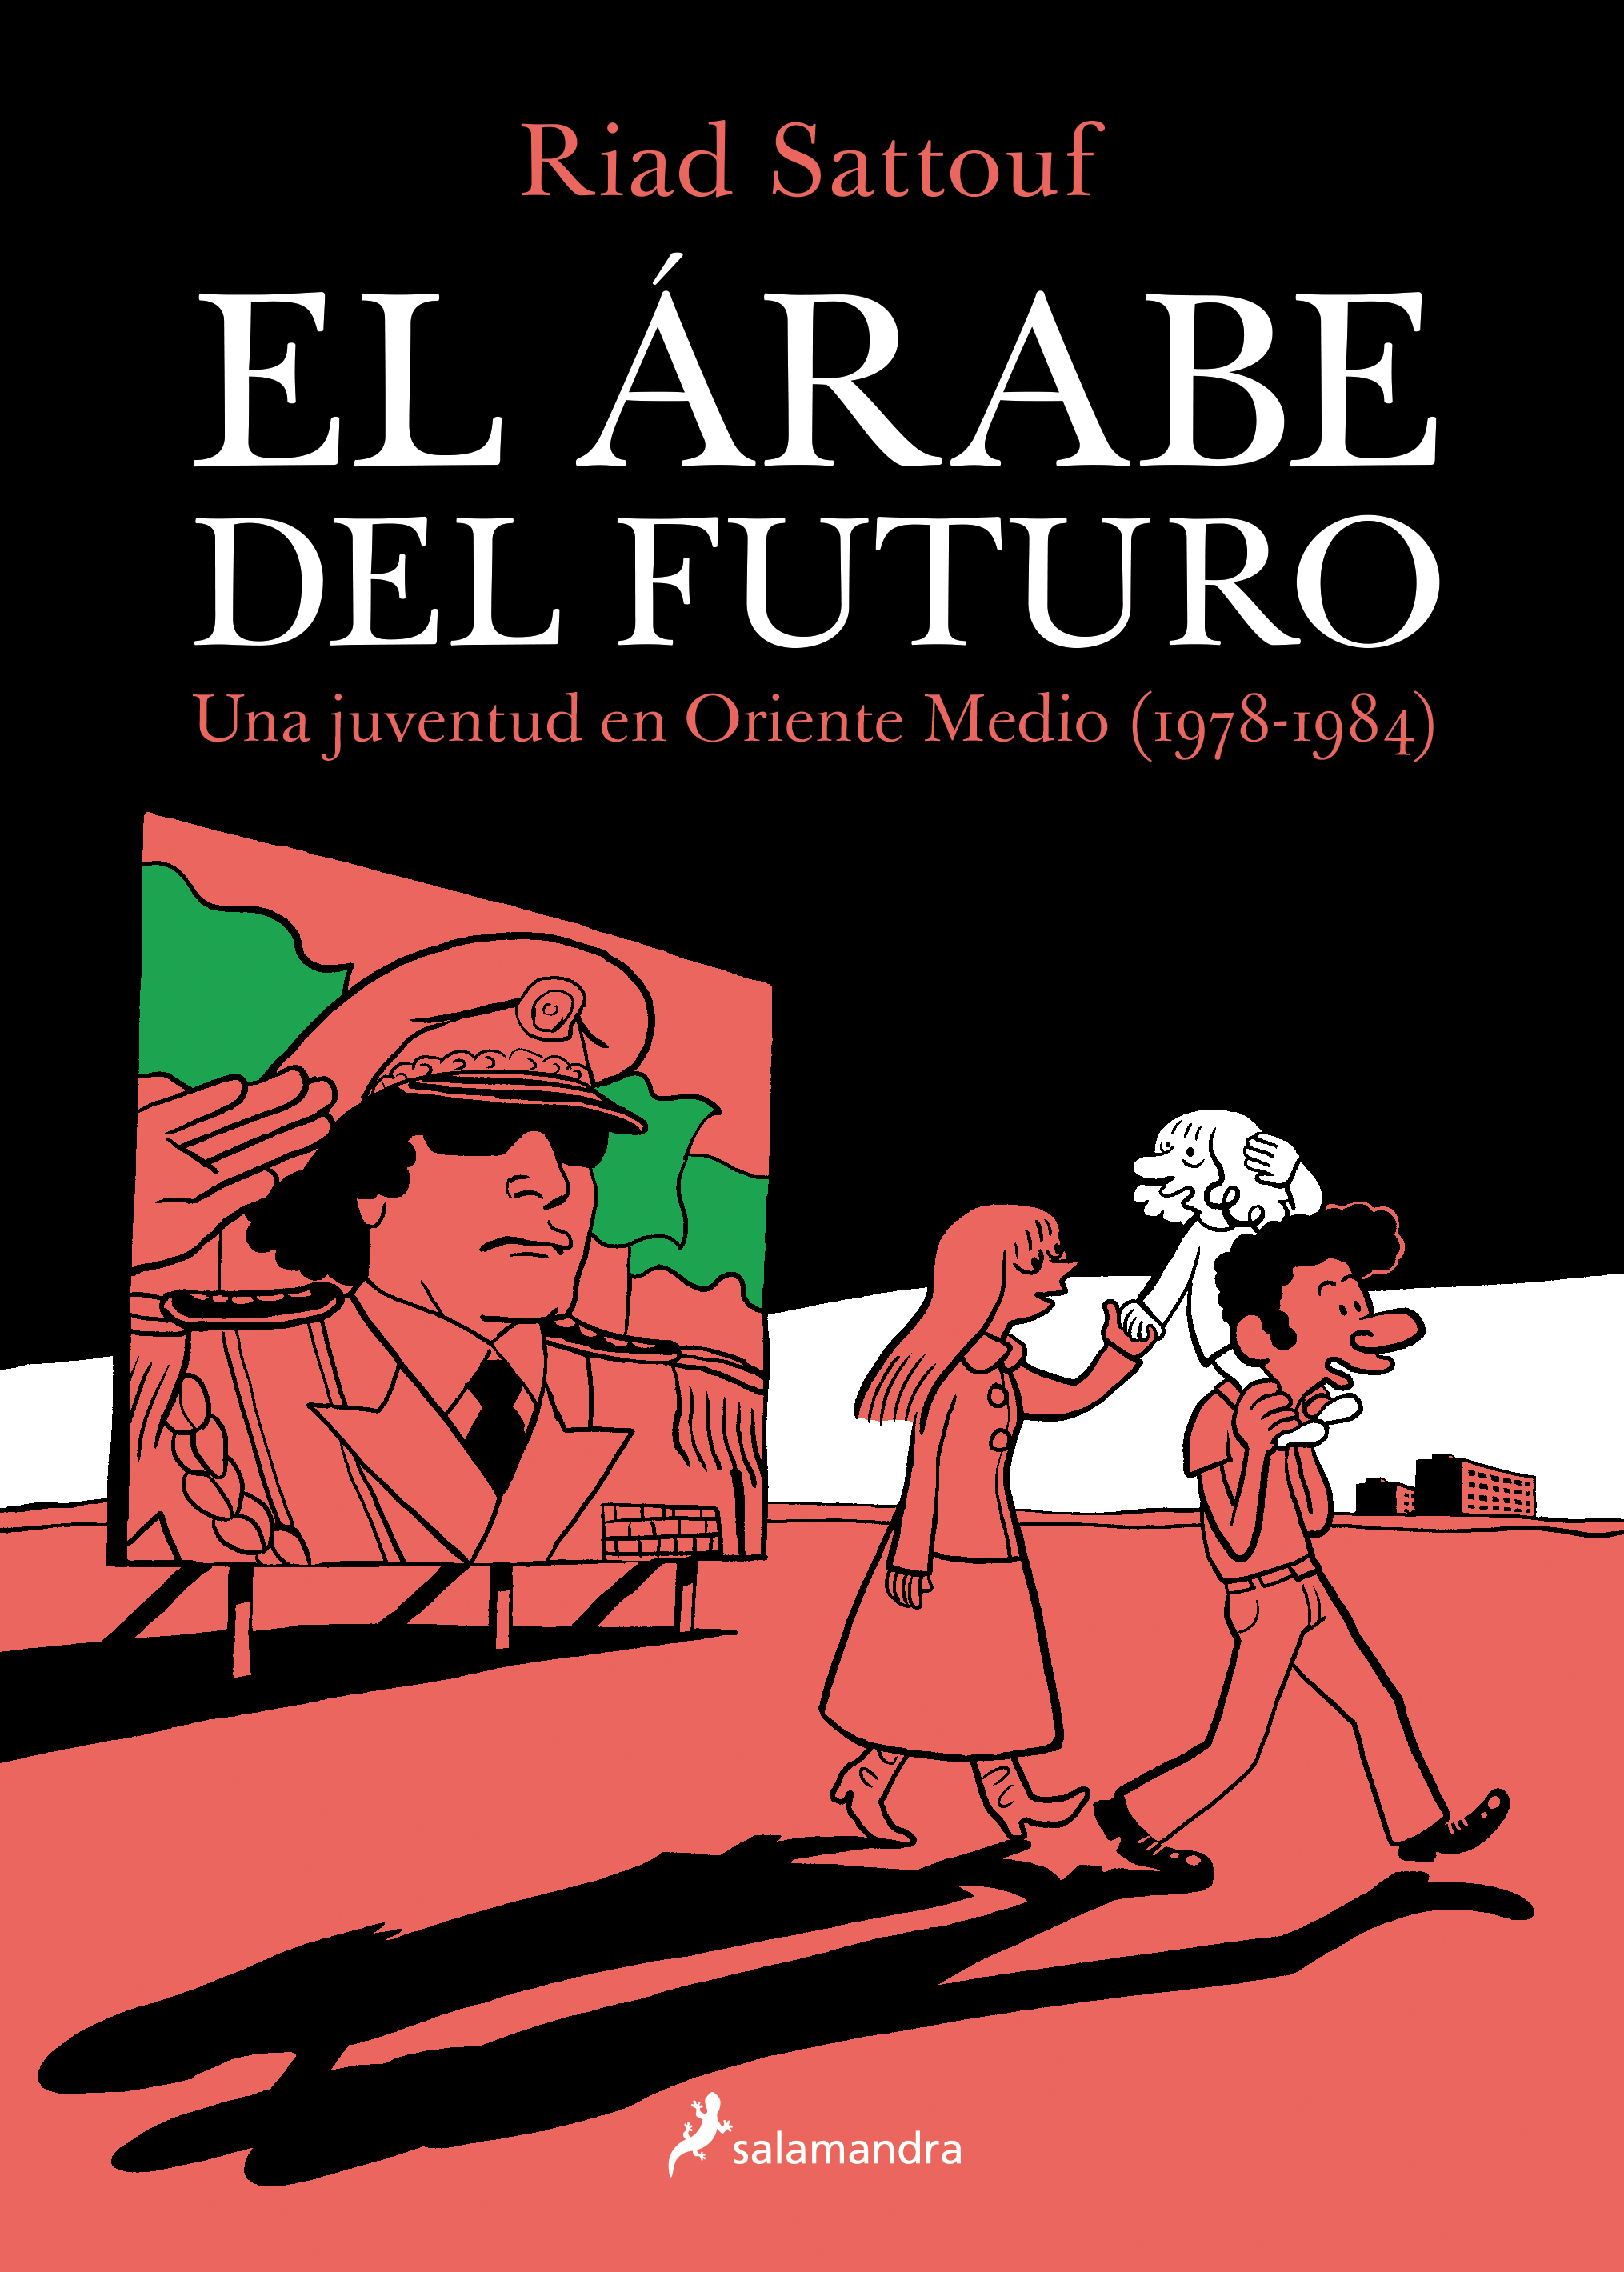 arabe_del_futuro_el_300_rgb